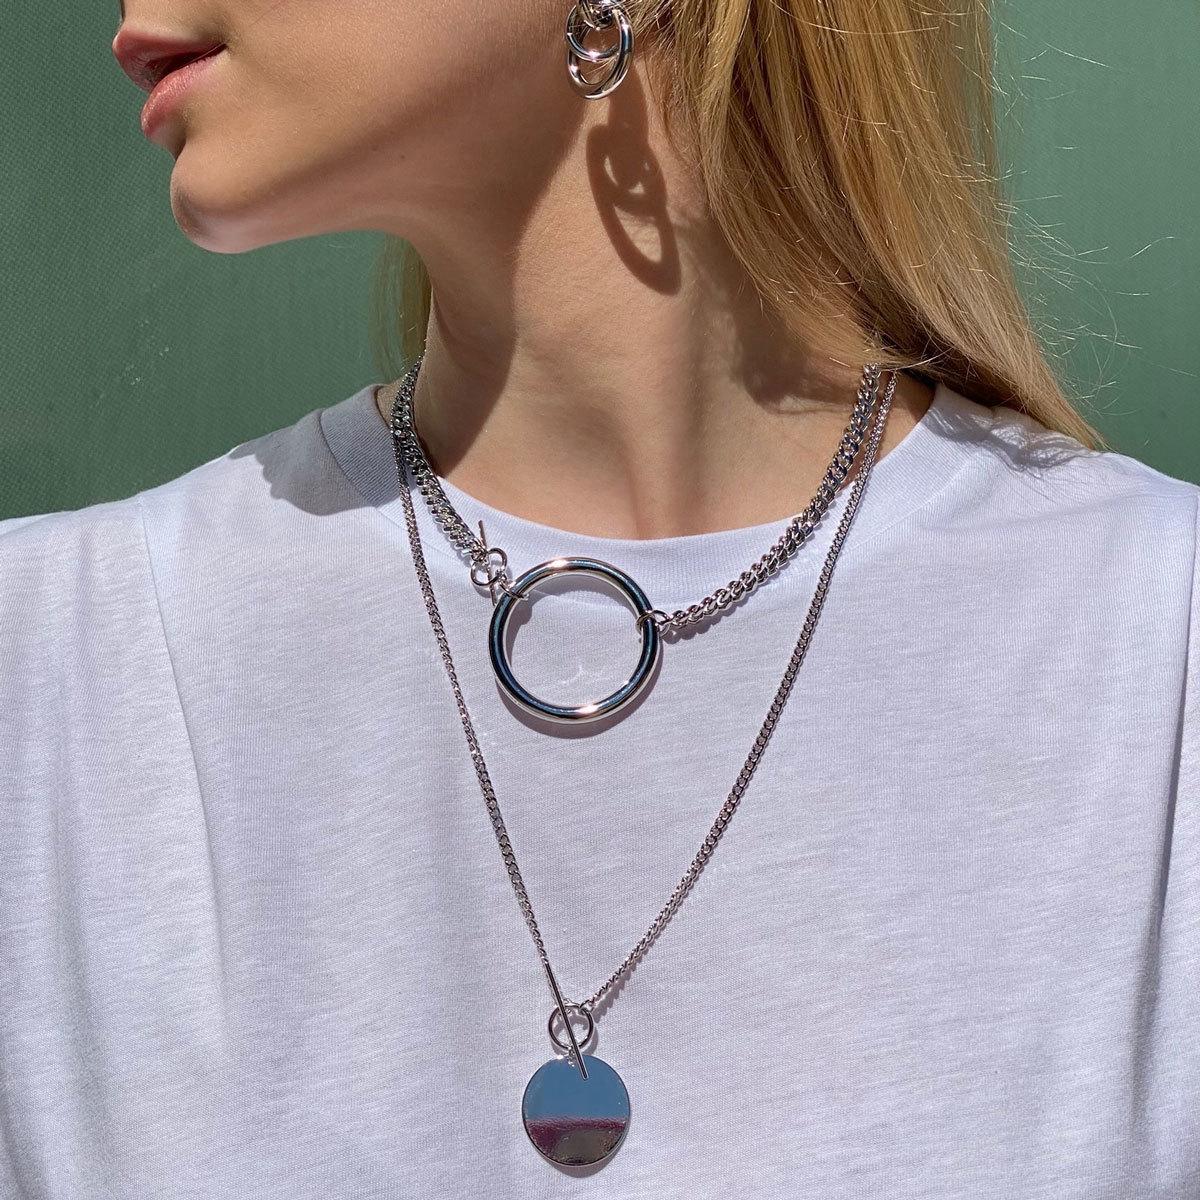 Сэт из цепей с кольцом и медальоном (серебристы)